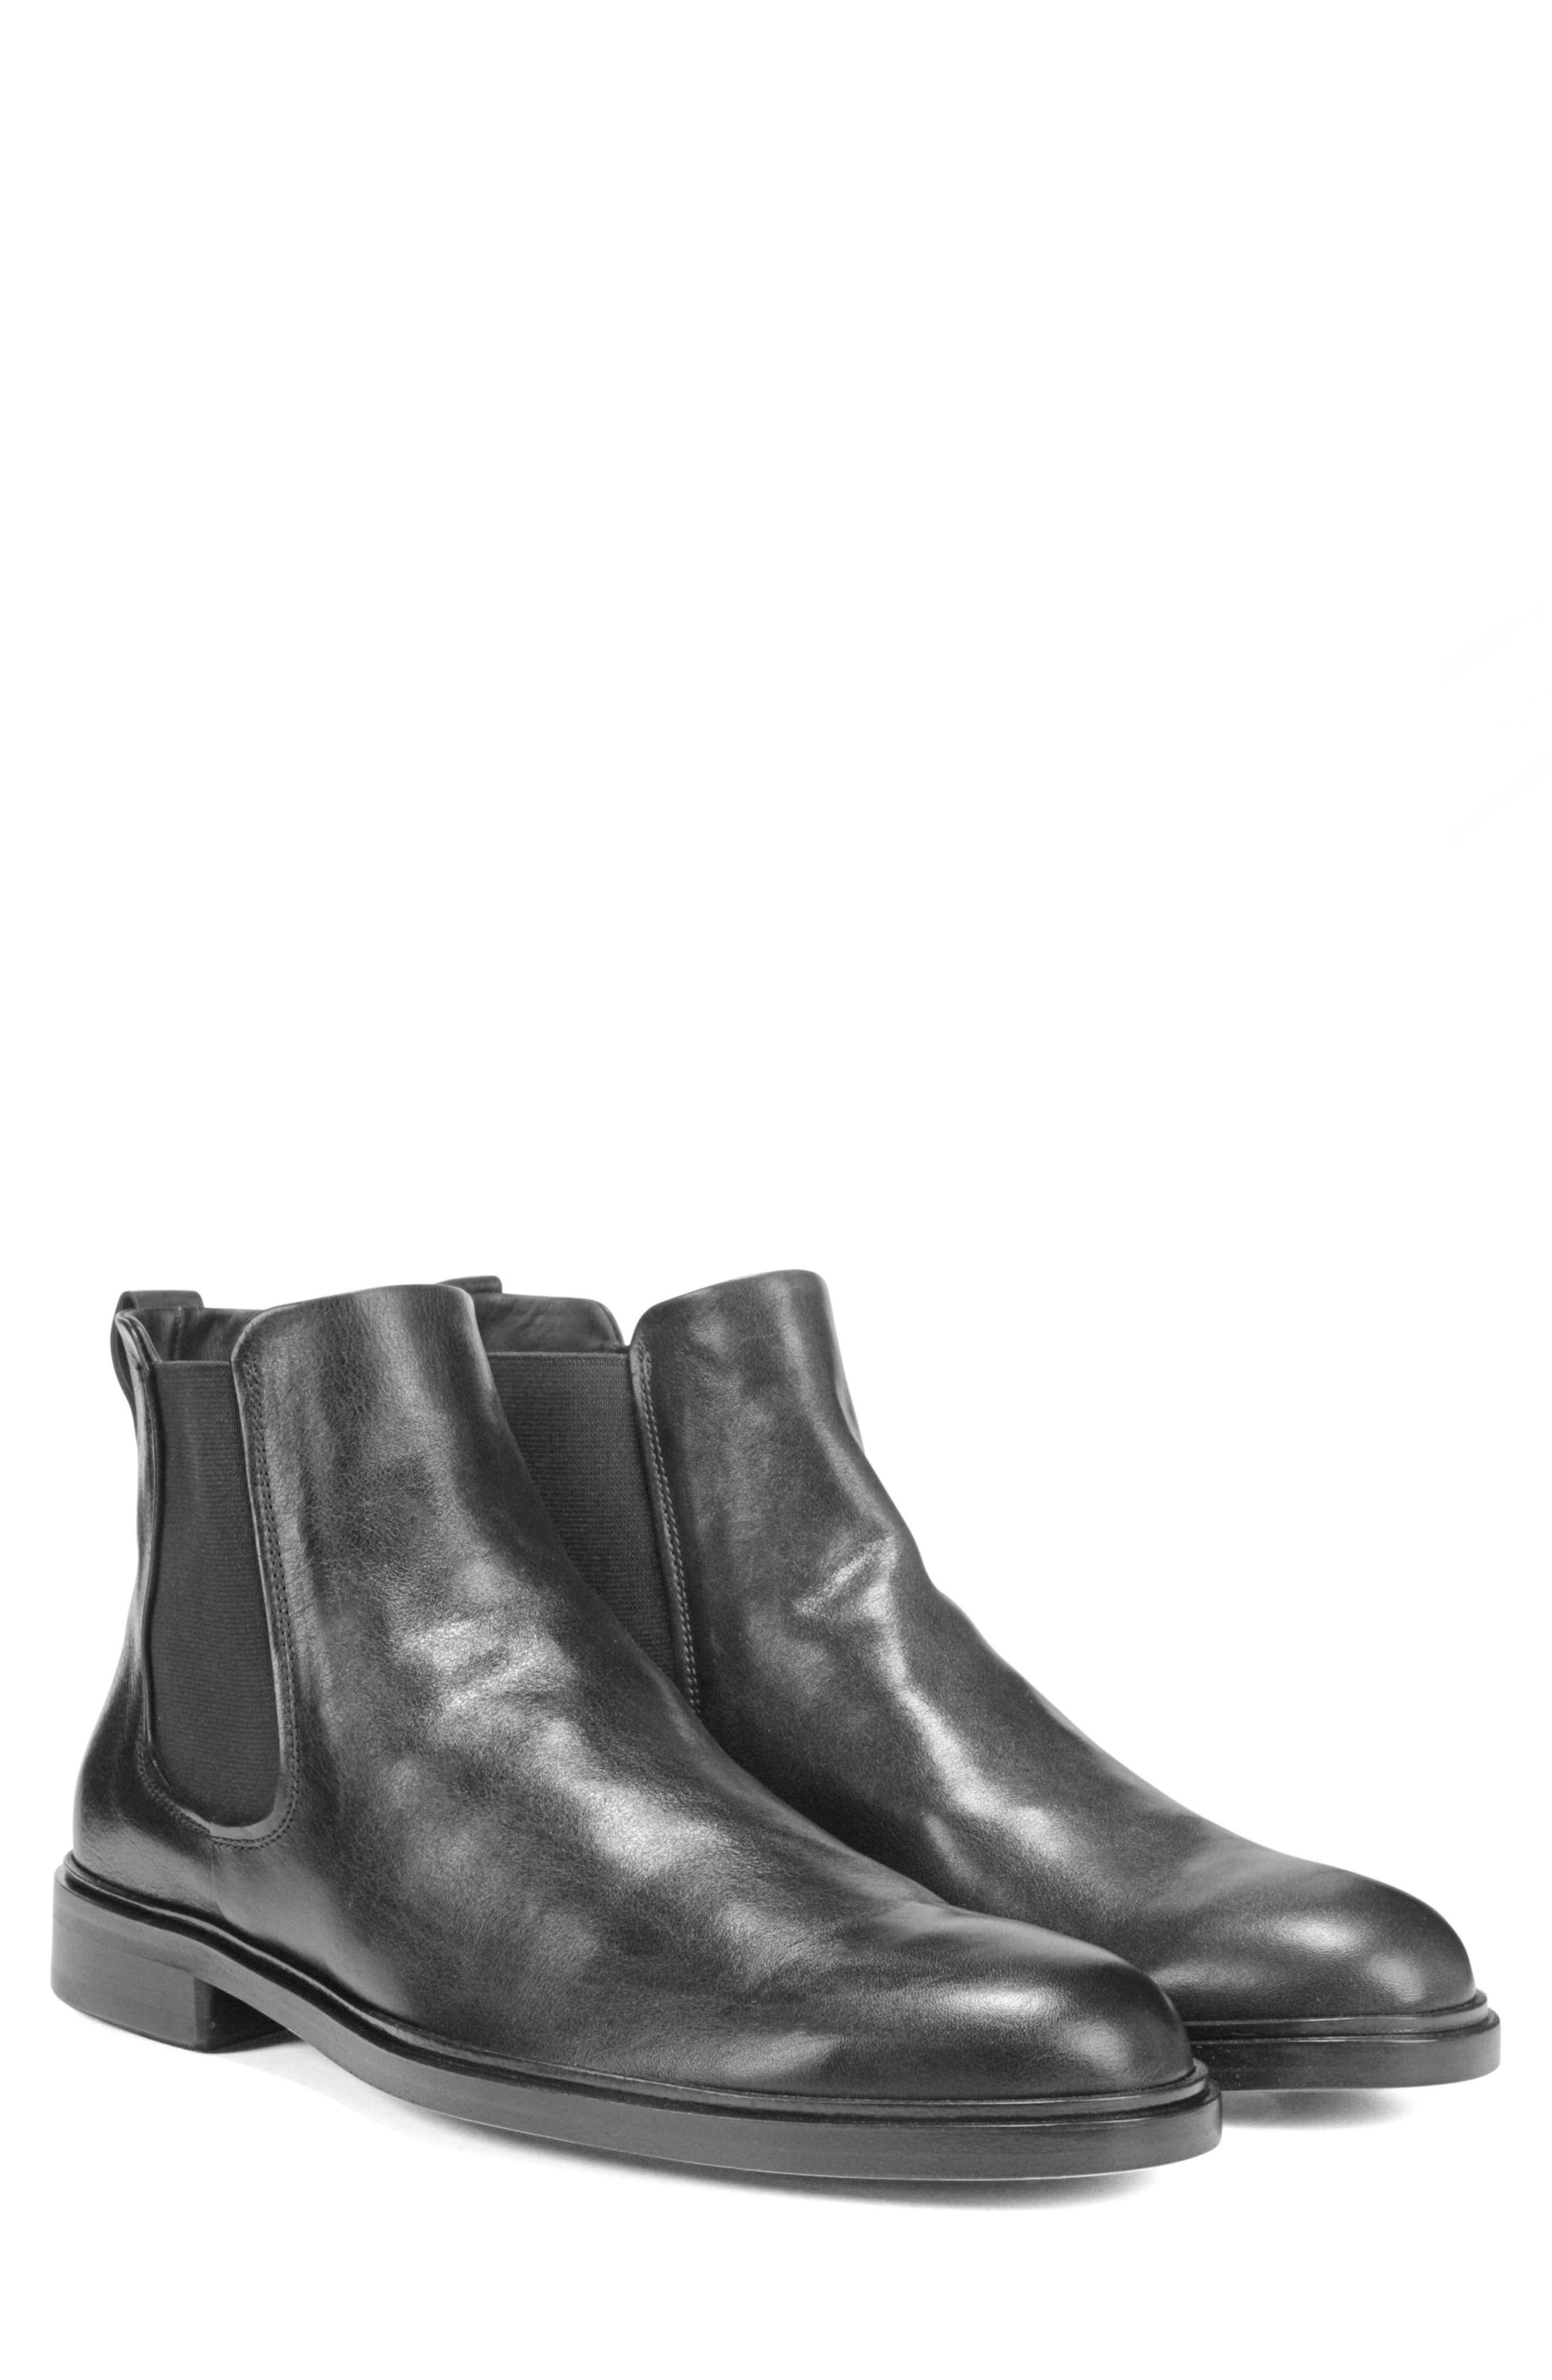 VINCE, Burroughs Chelsea Boot, Alternate thumbnail 7, color, BLACK